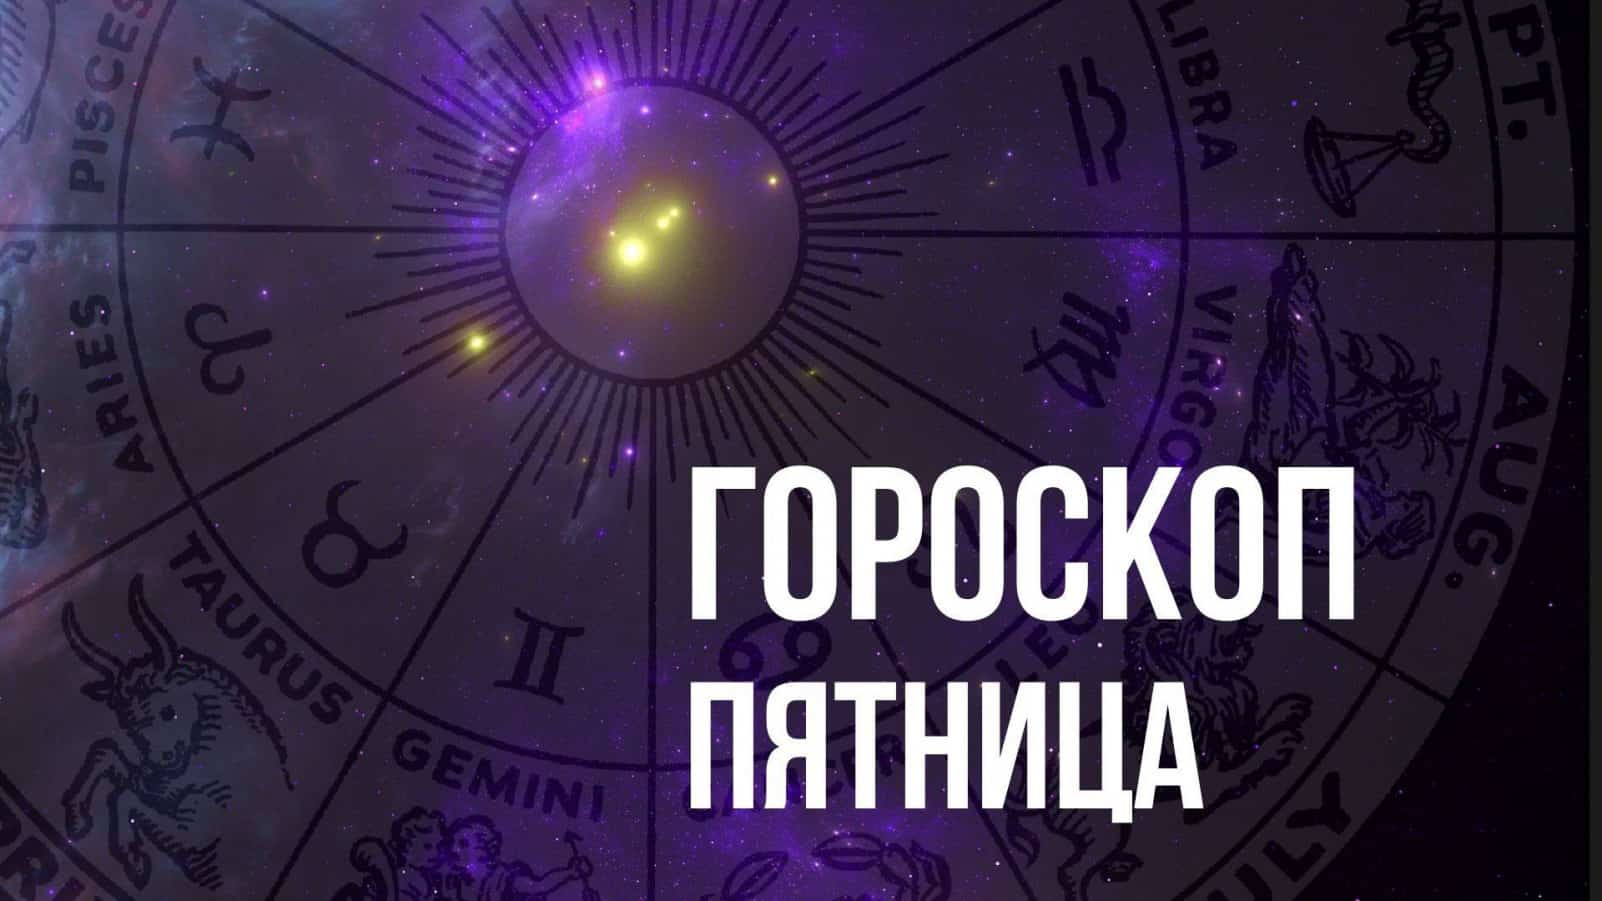 Гороскоп на пятницу 2 июля для каждого знака Зодиака